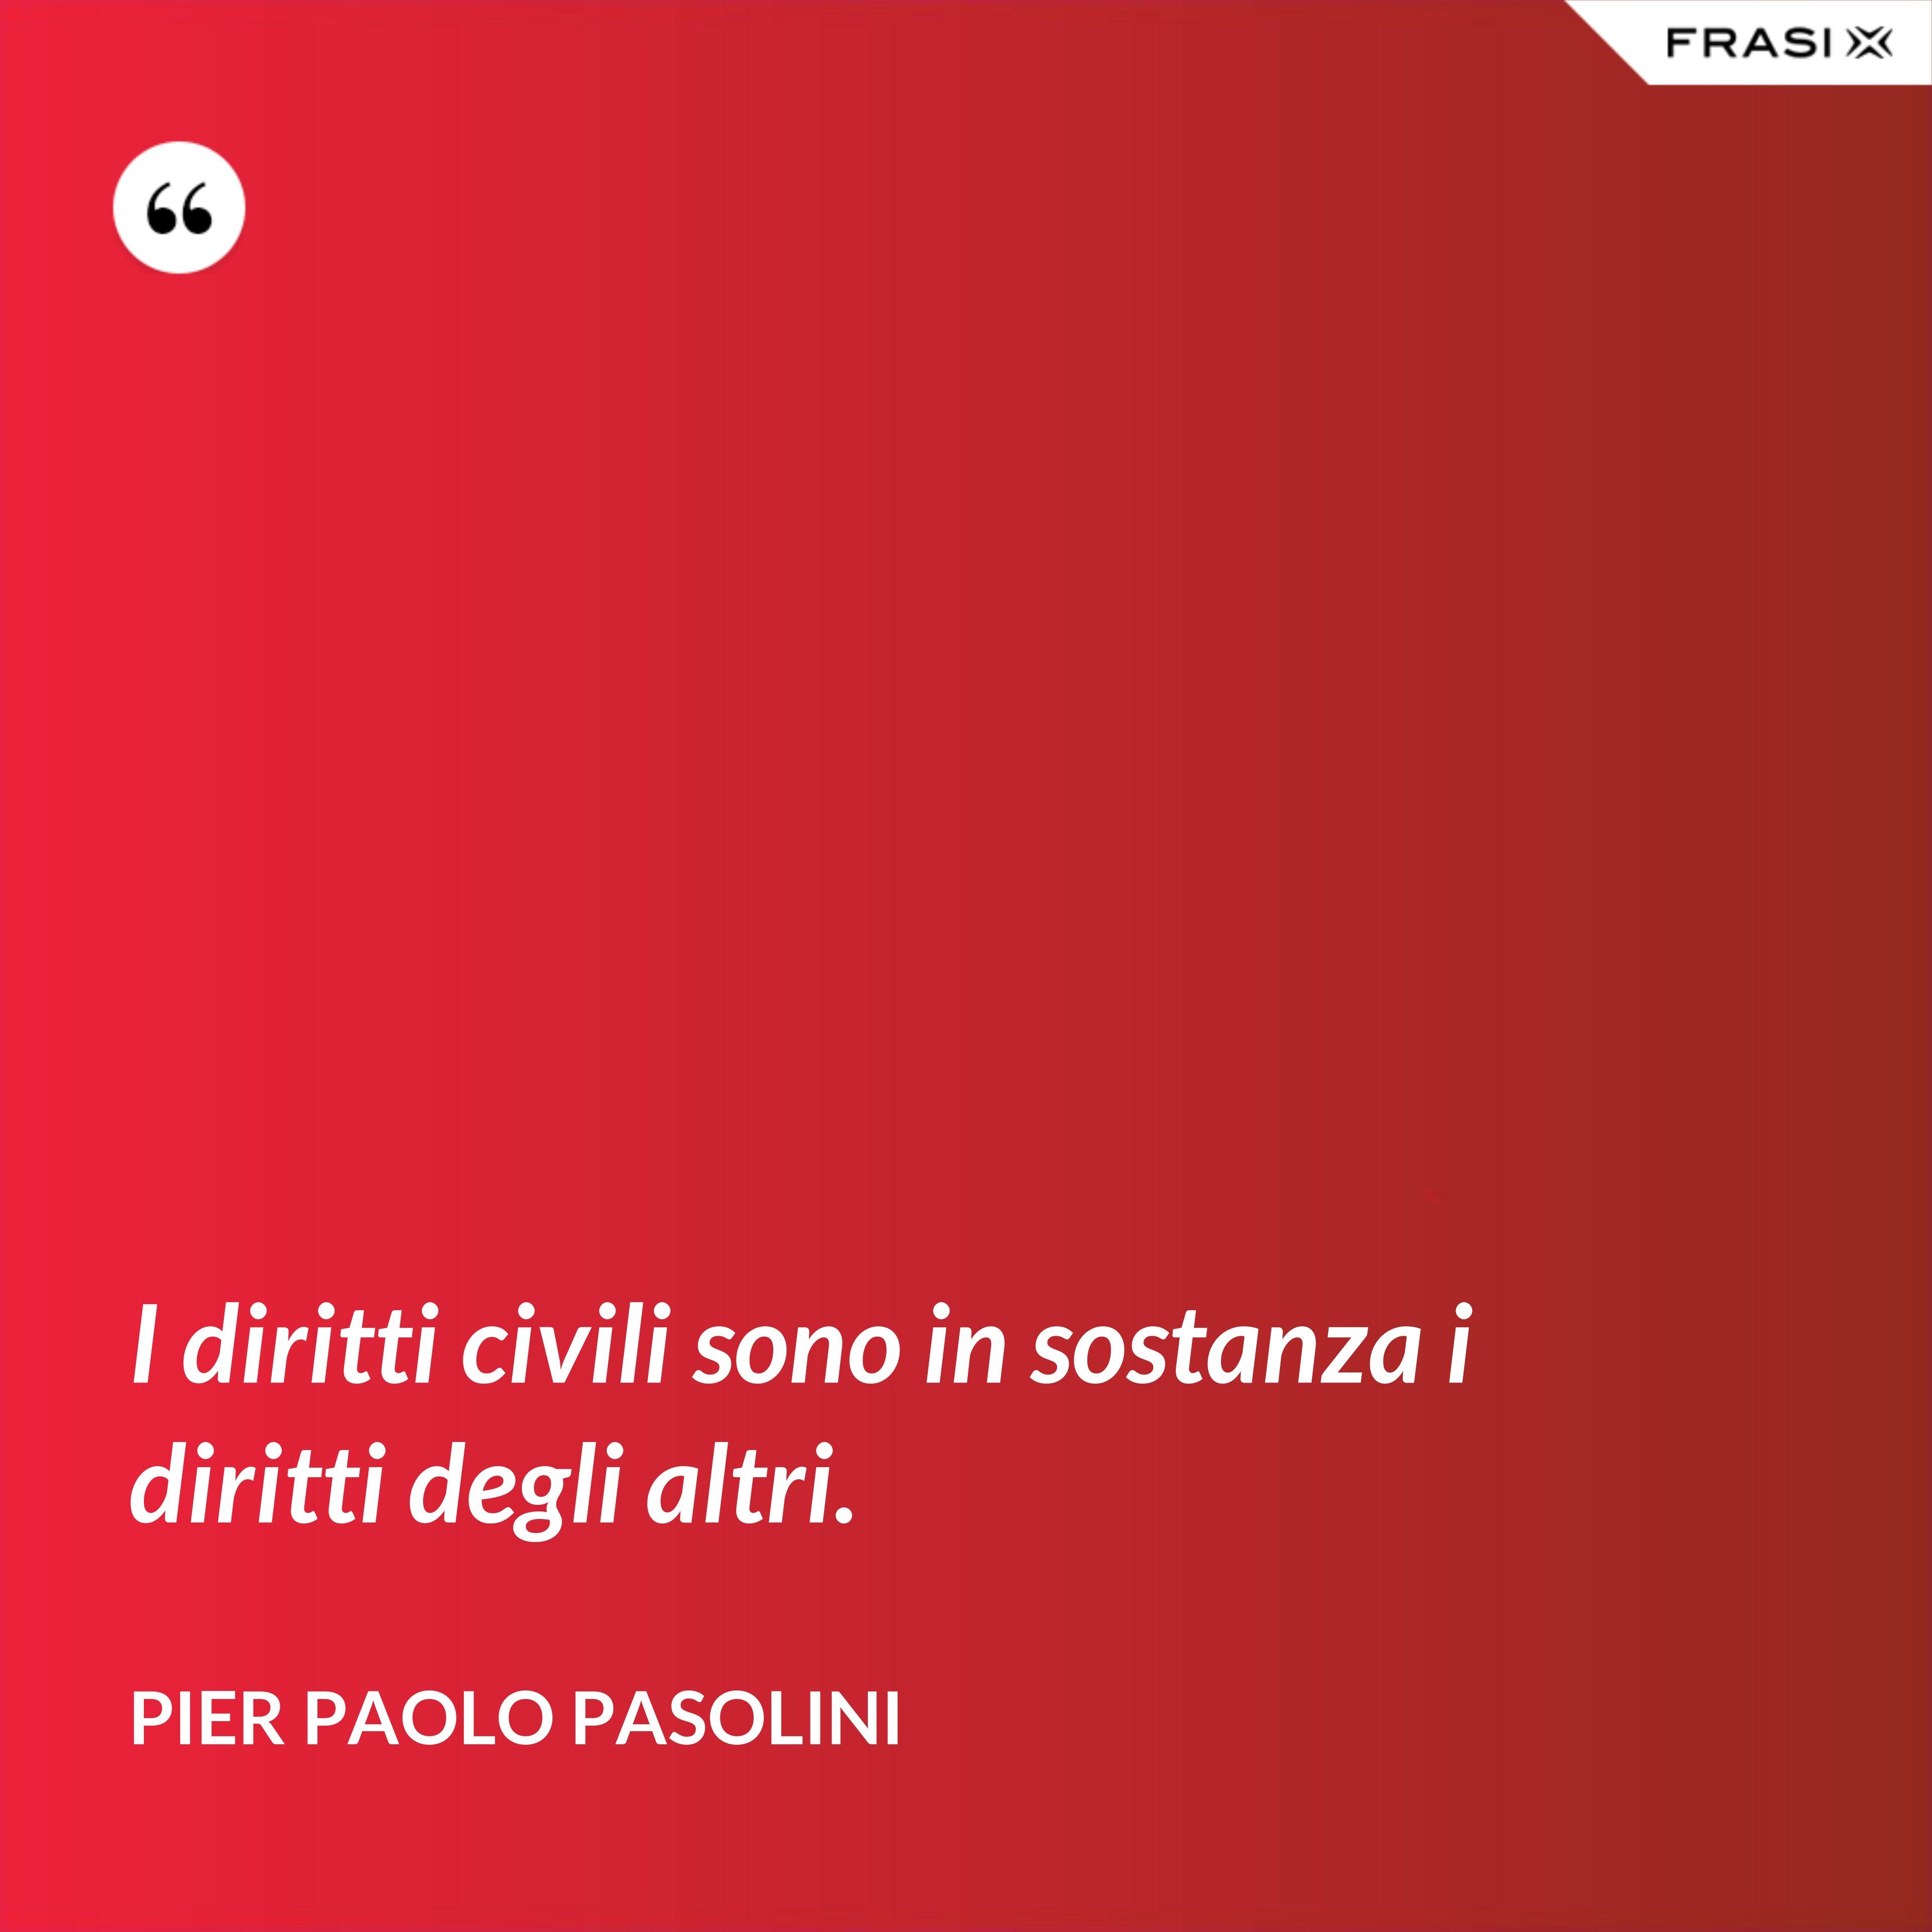 I diritti civili sono in sostanza i diritti degli altri. - Pier Paolo Pasolini